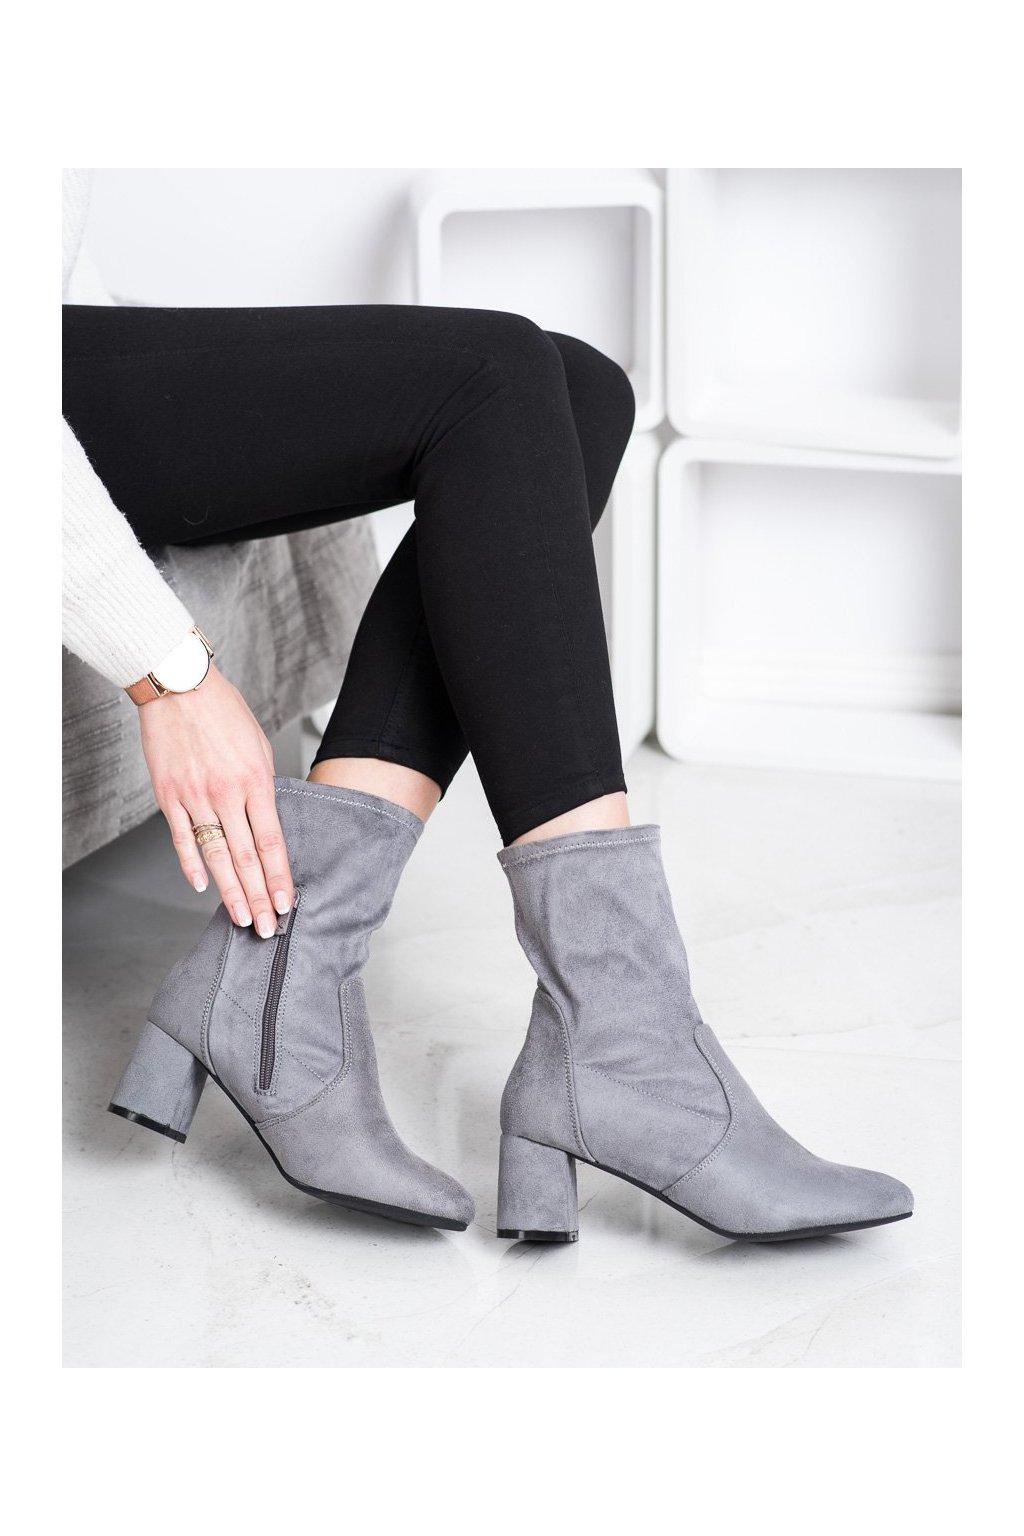 Sivé dámske topánky Kylie kod K1825115G